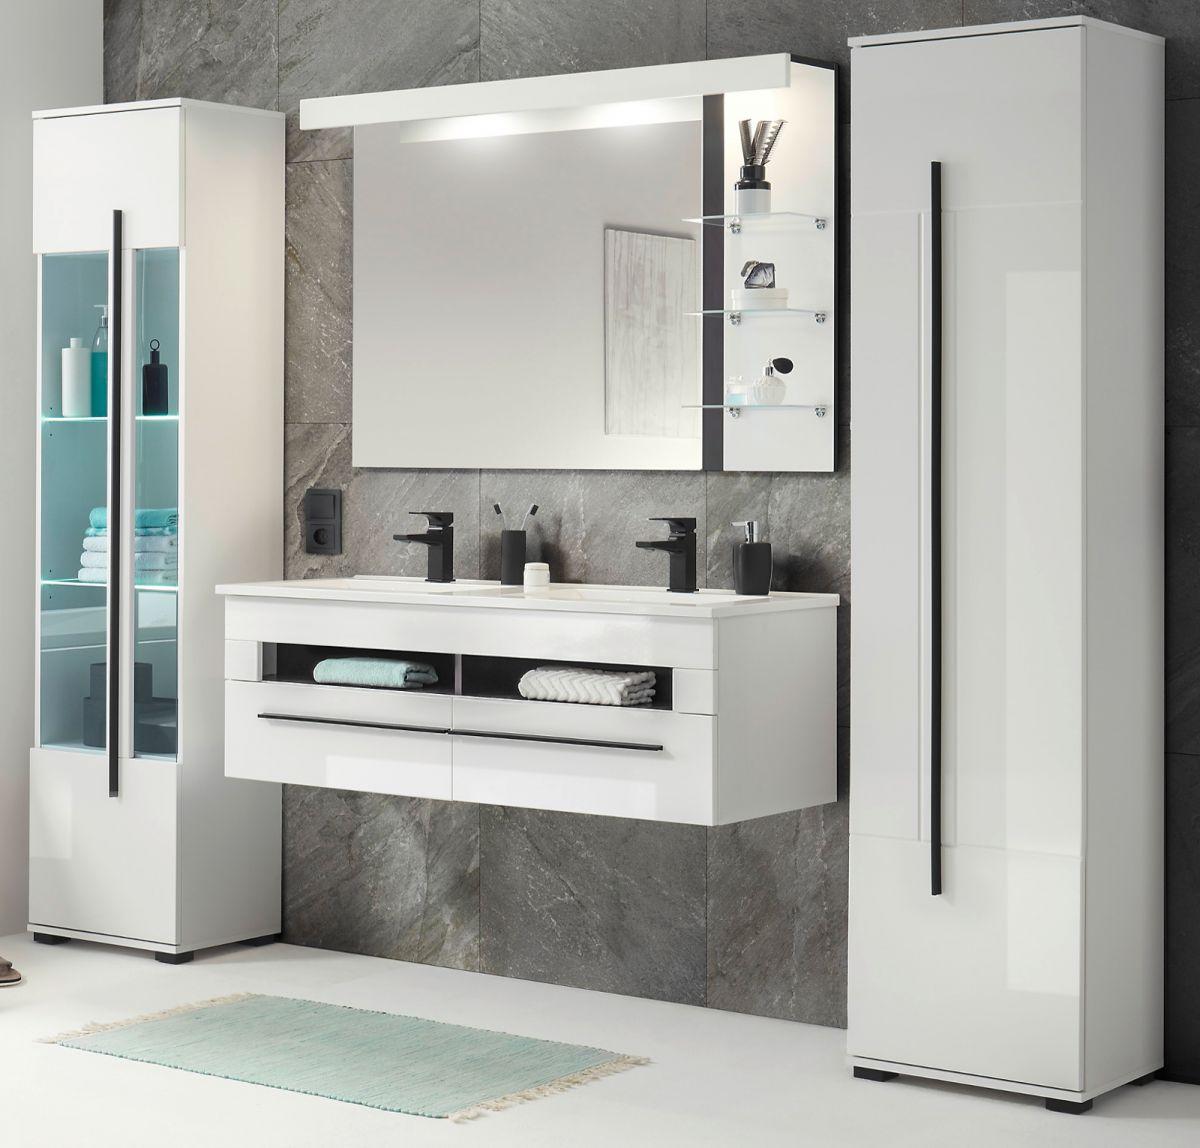 Badmöbel Set 5-teilig Design-D in Hochglanz weiss 230 x 200 cm